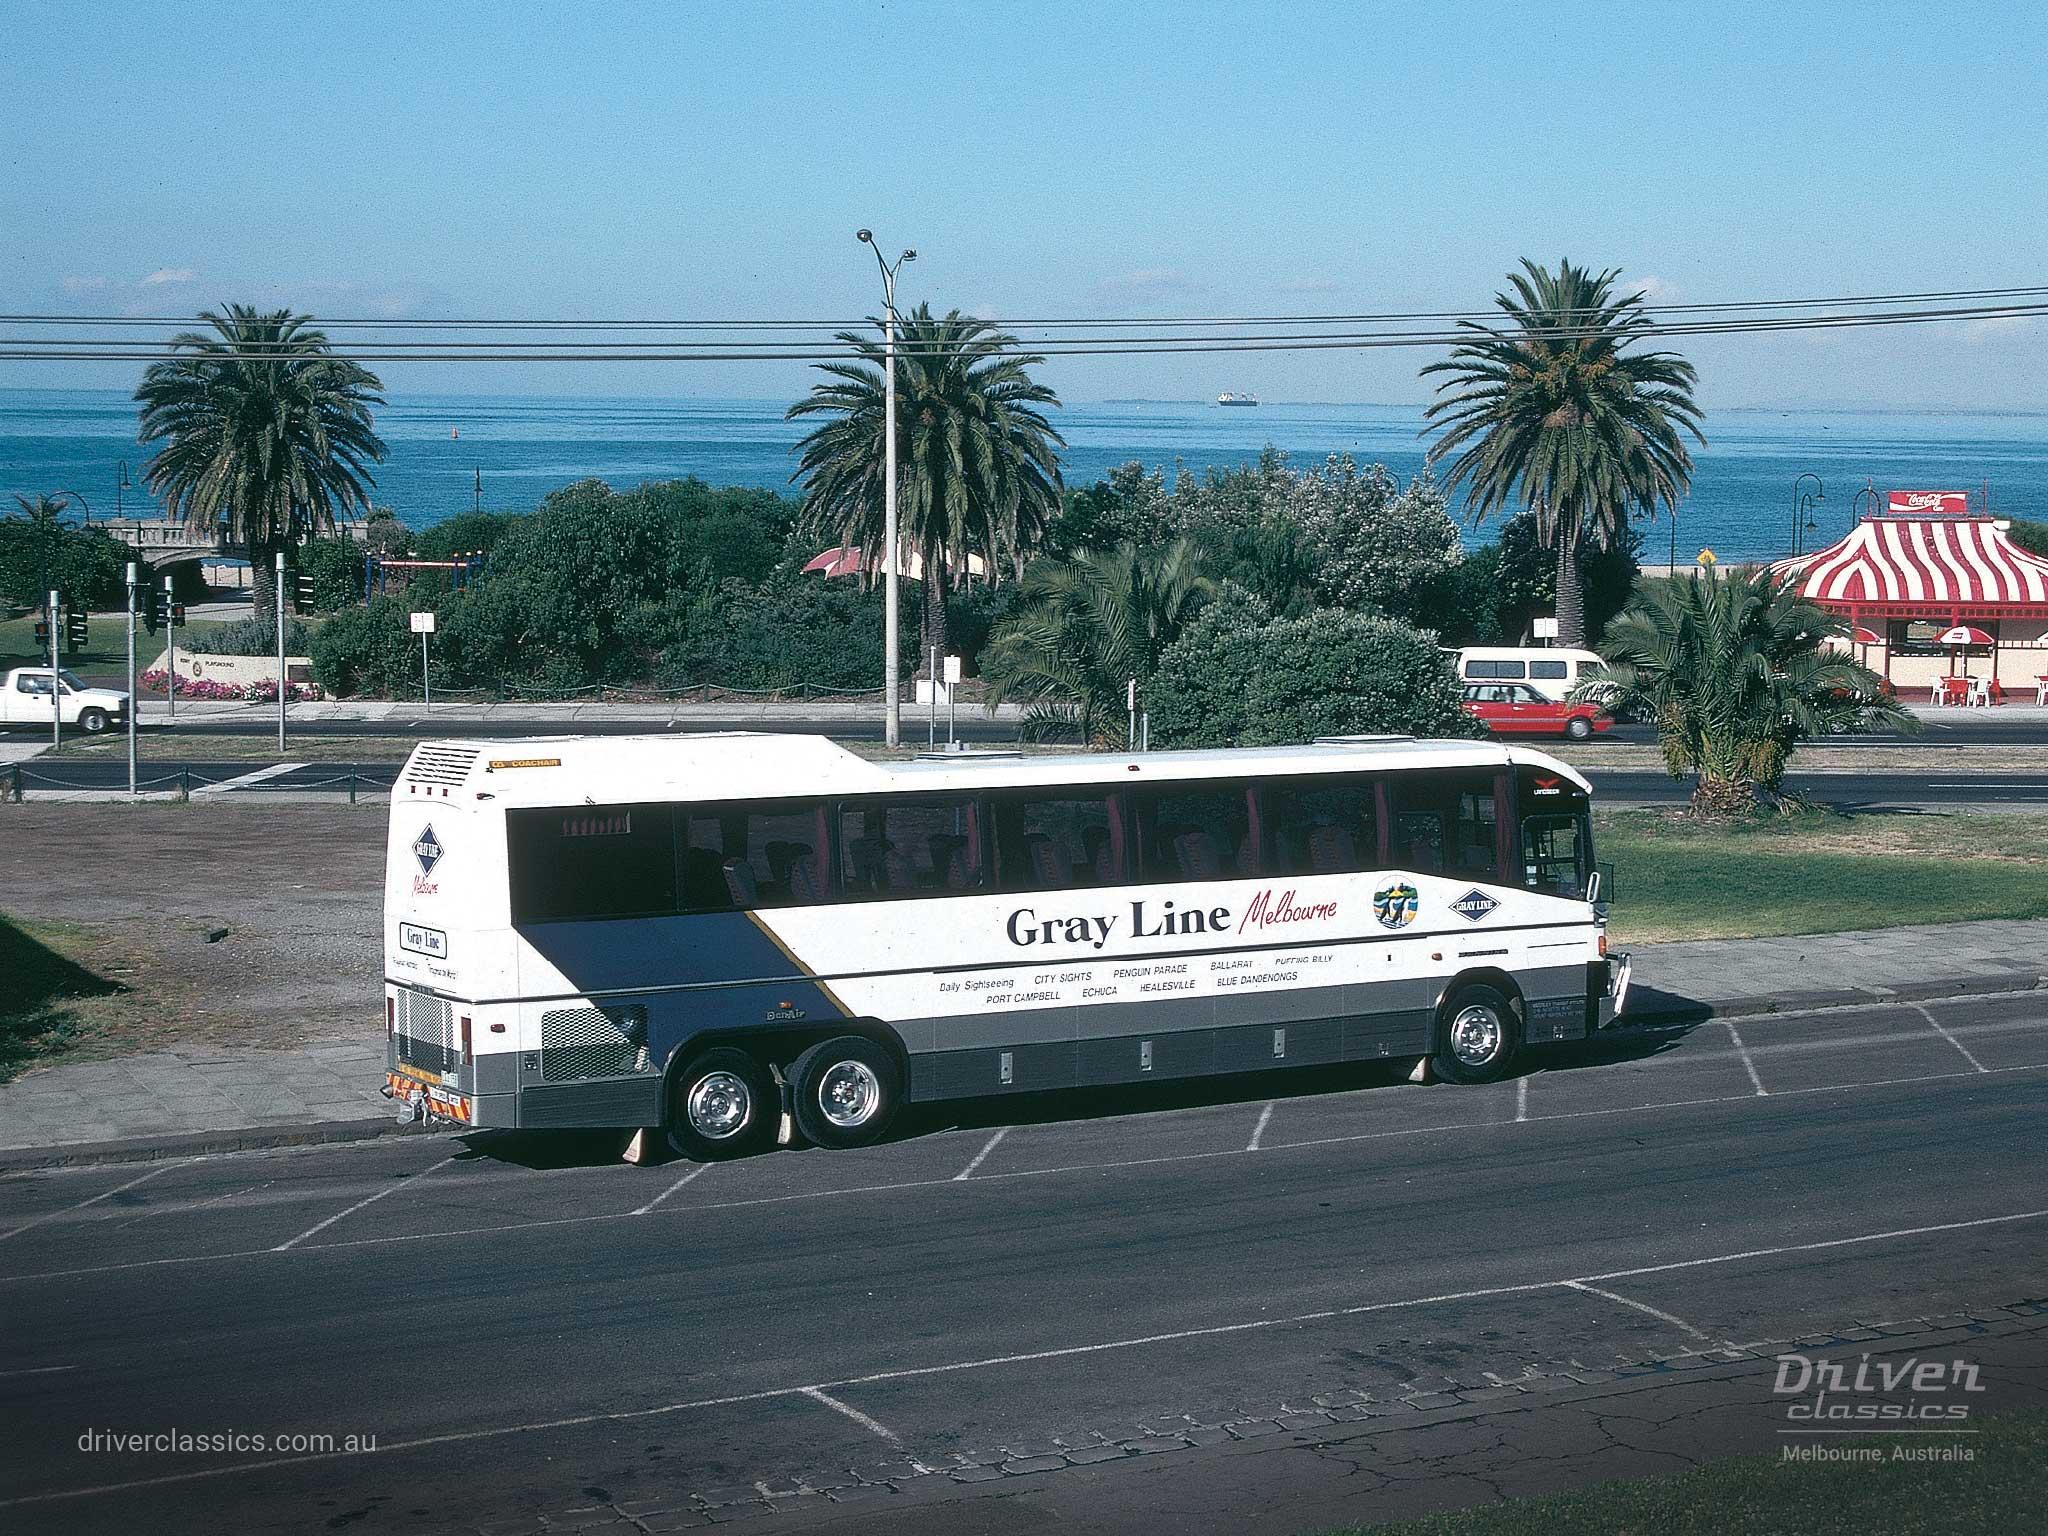 Denning Landseer bus, 1988 version, side and back, StKilda VIC, Photo taken 1993